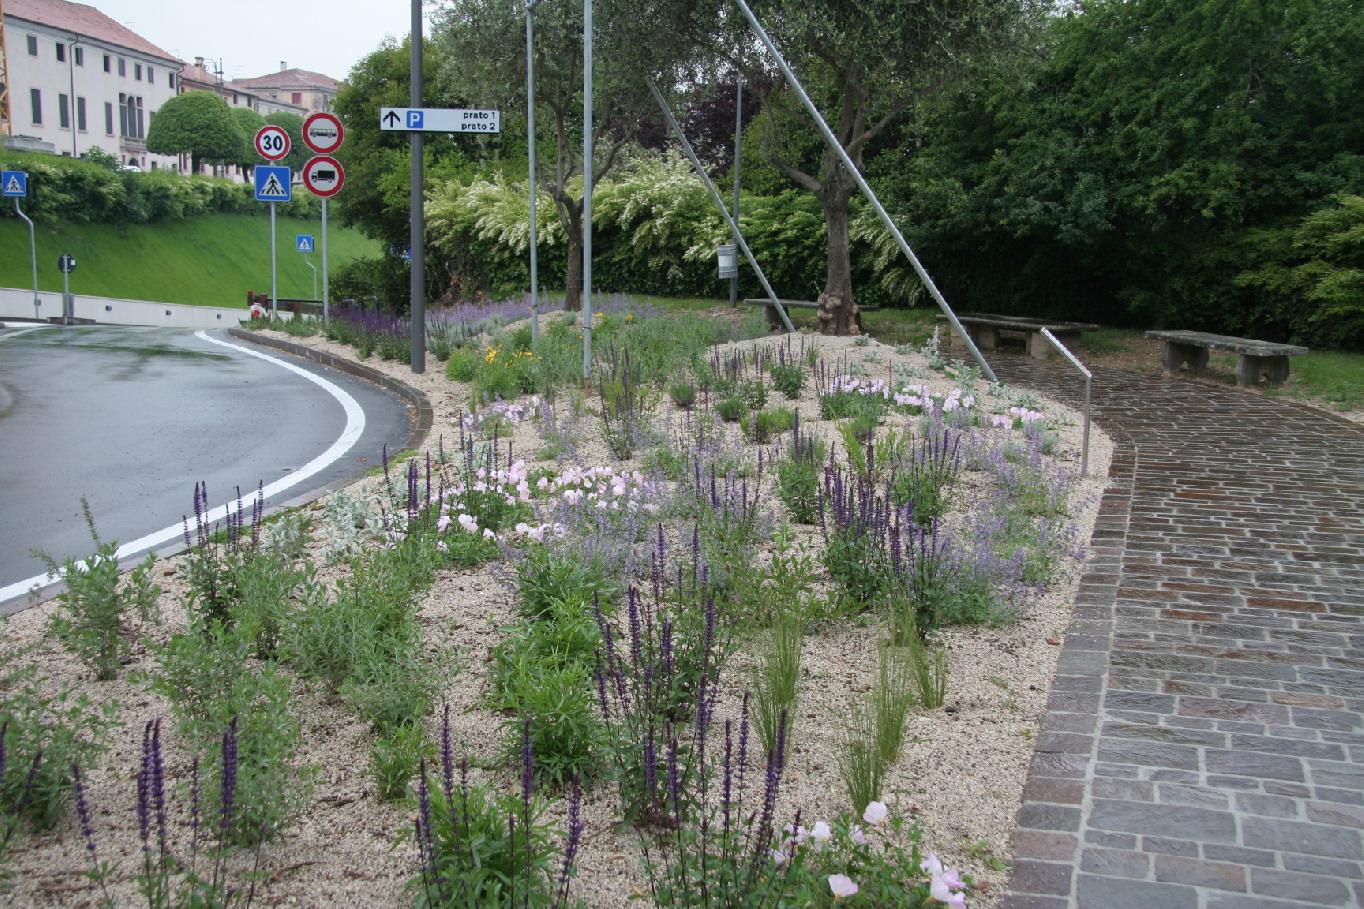 Piante Basse Da Aiuola amici in giardino: giardinaggio e dintorni | giardinaggio